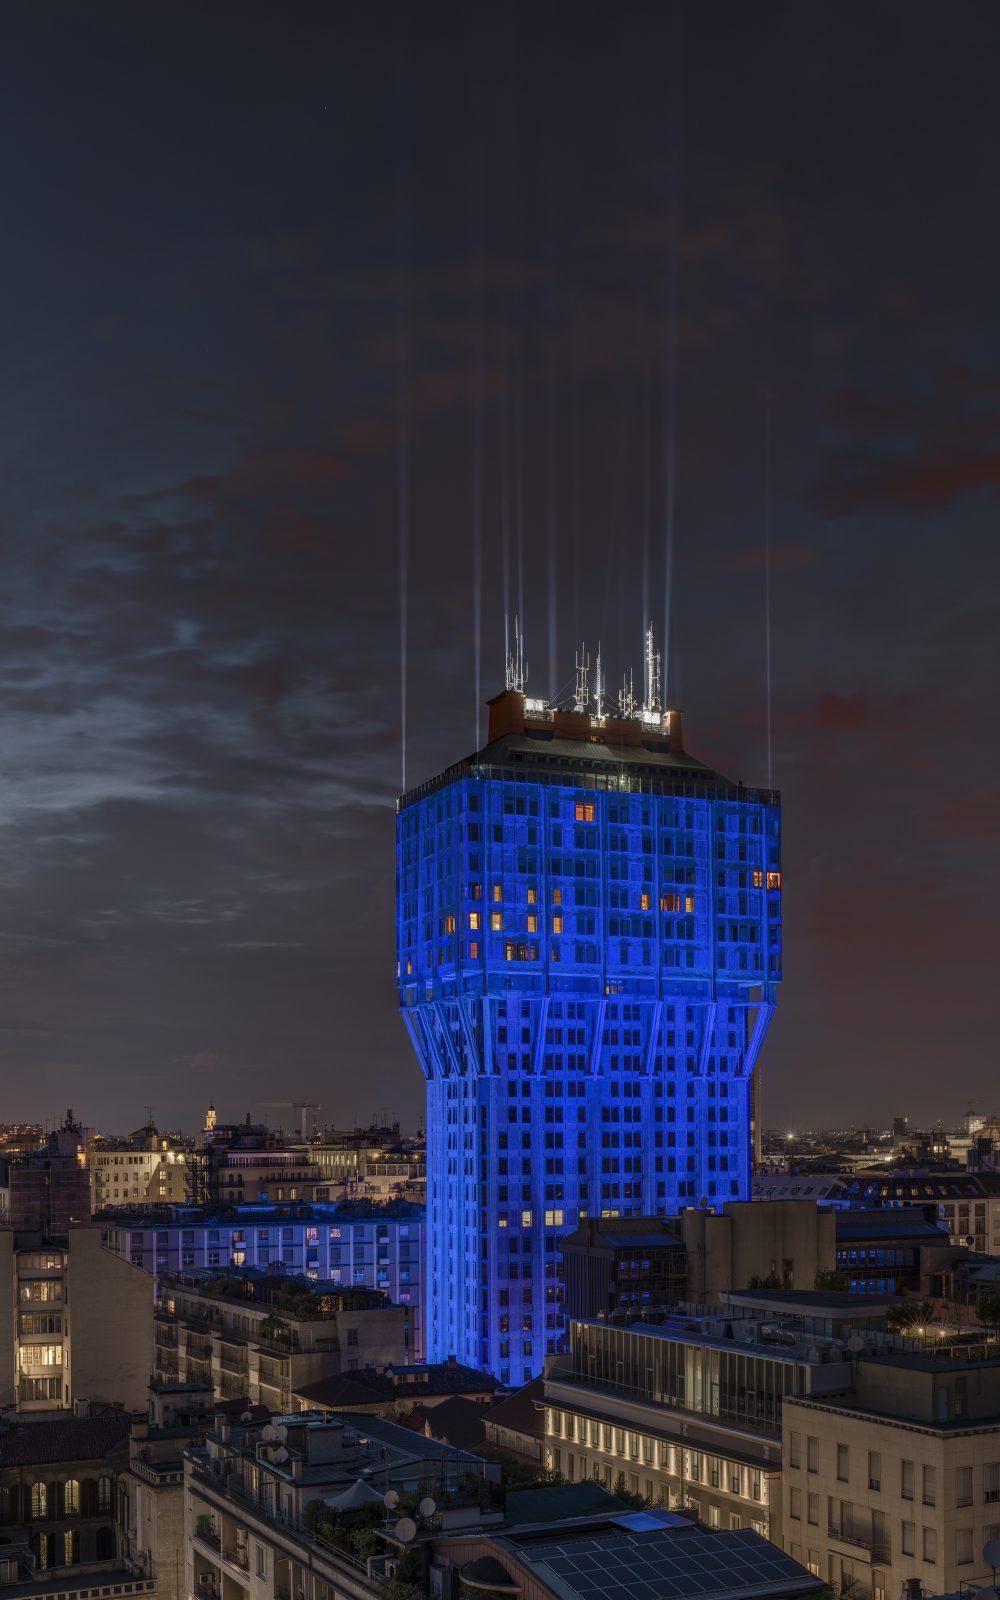 Ingo Maurer + Team, Torre Velasca Blu, 2019. Foto: Tom Vack